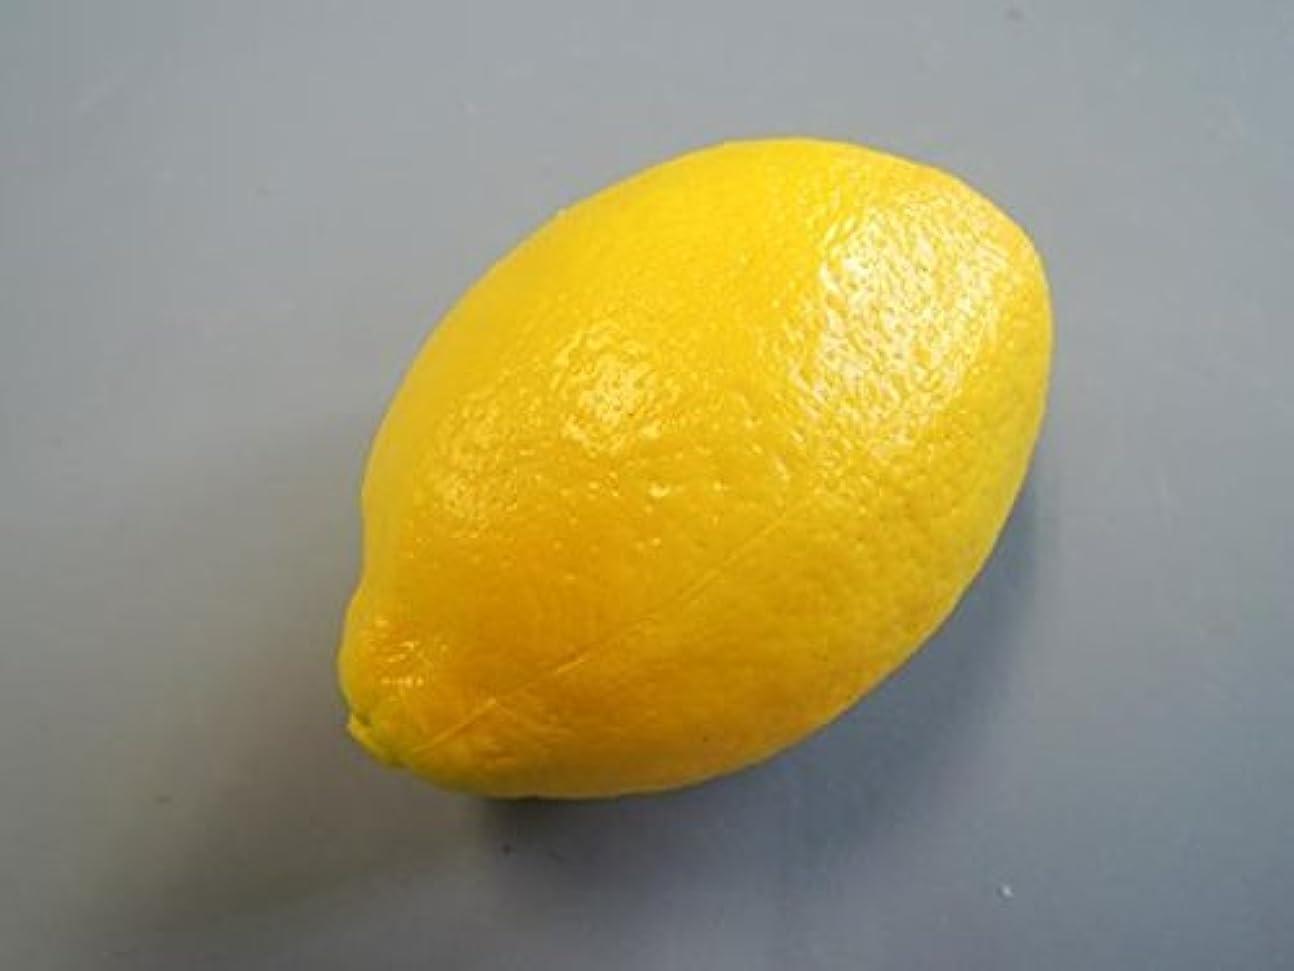 ボイド知人洞察力日本職人が作る 食品サンプル レモン IP-352